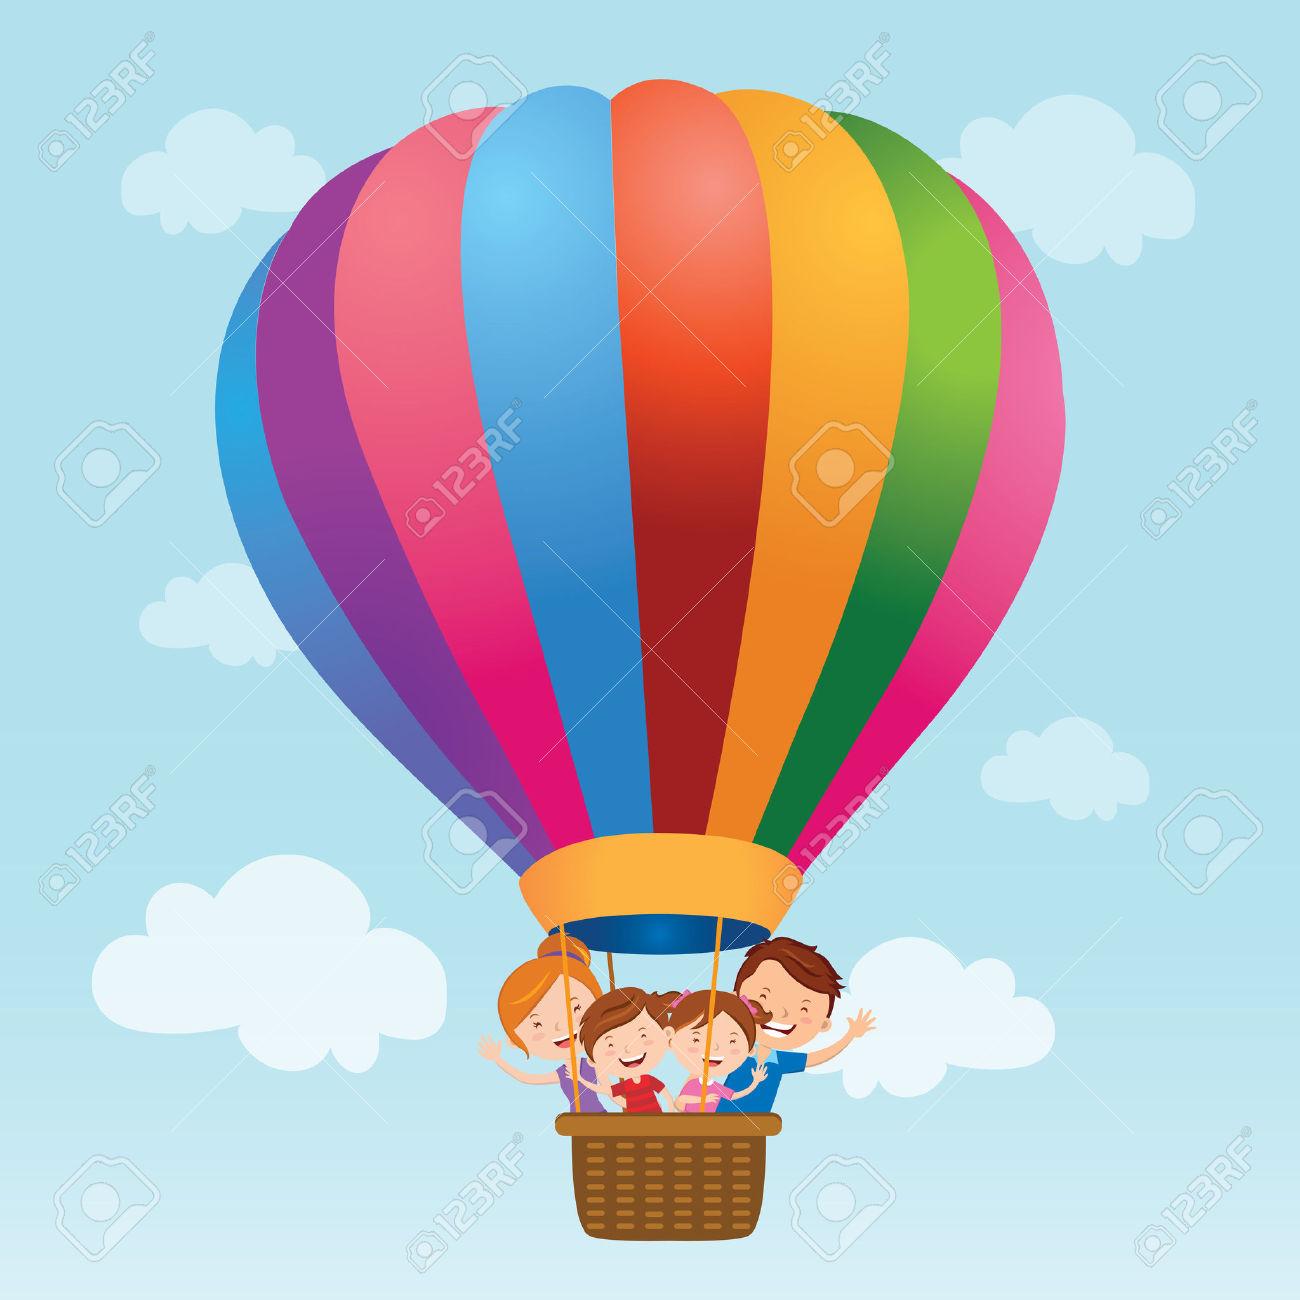 Balloon ride clipart #4